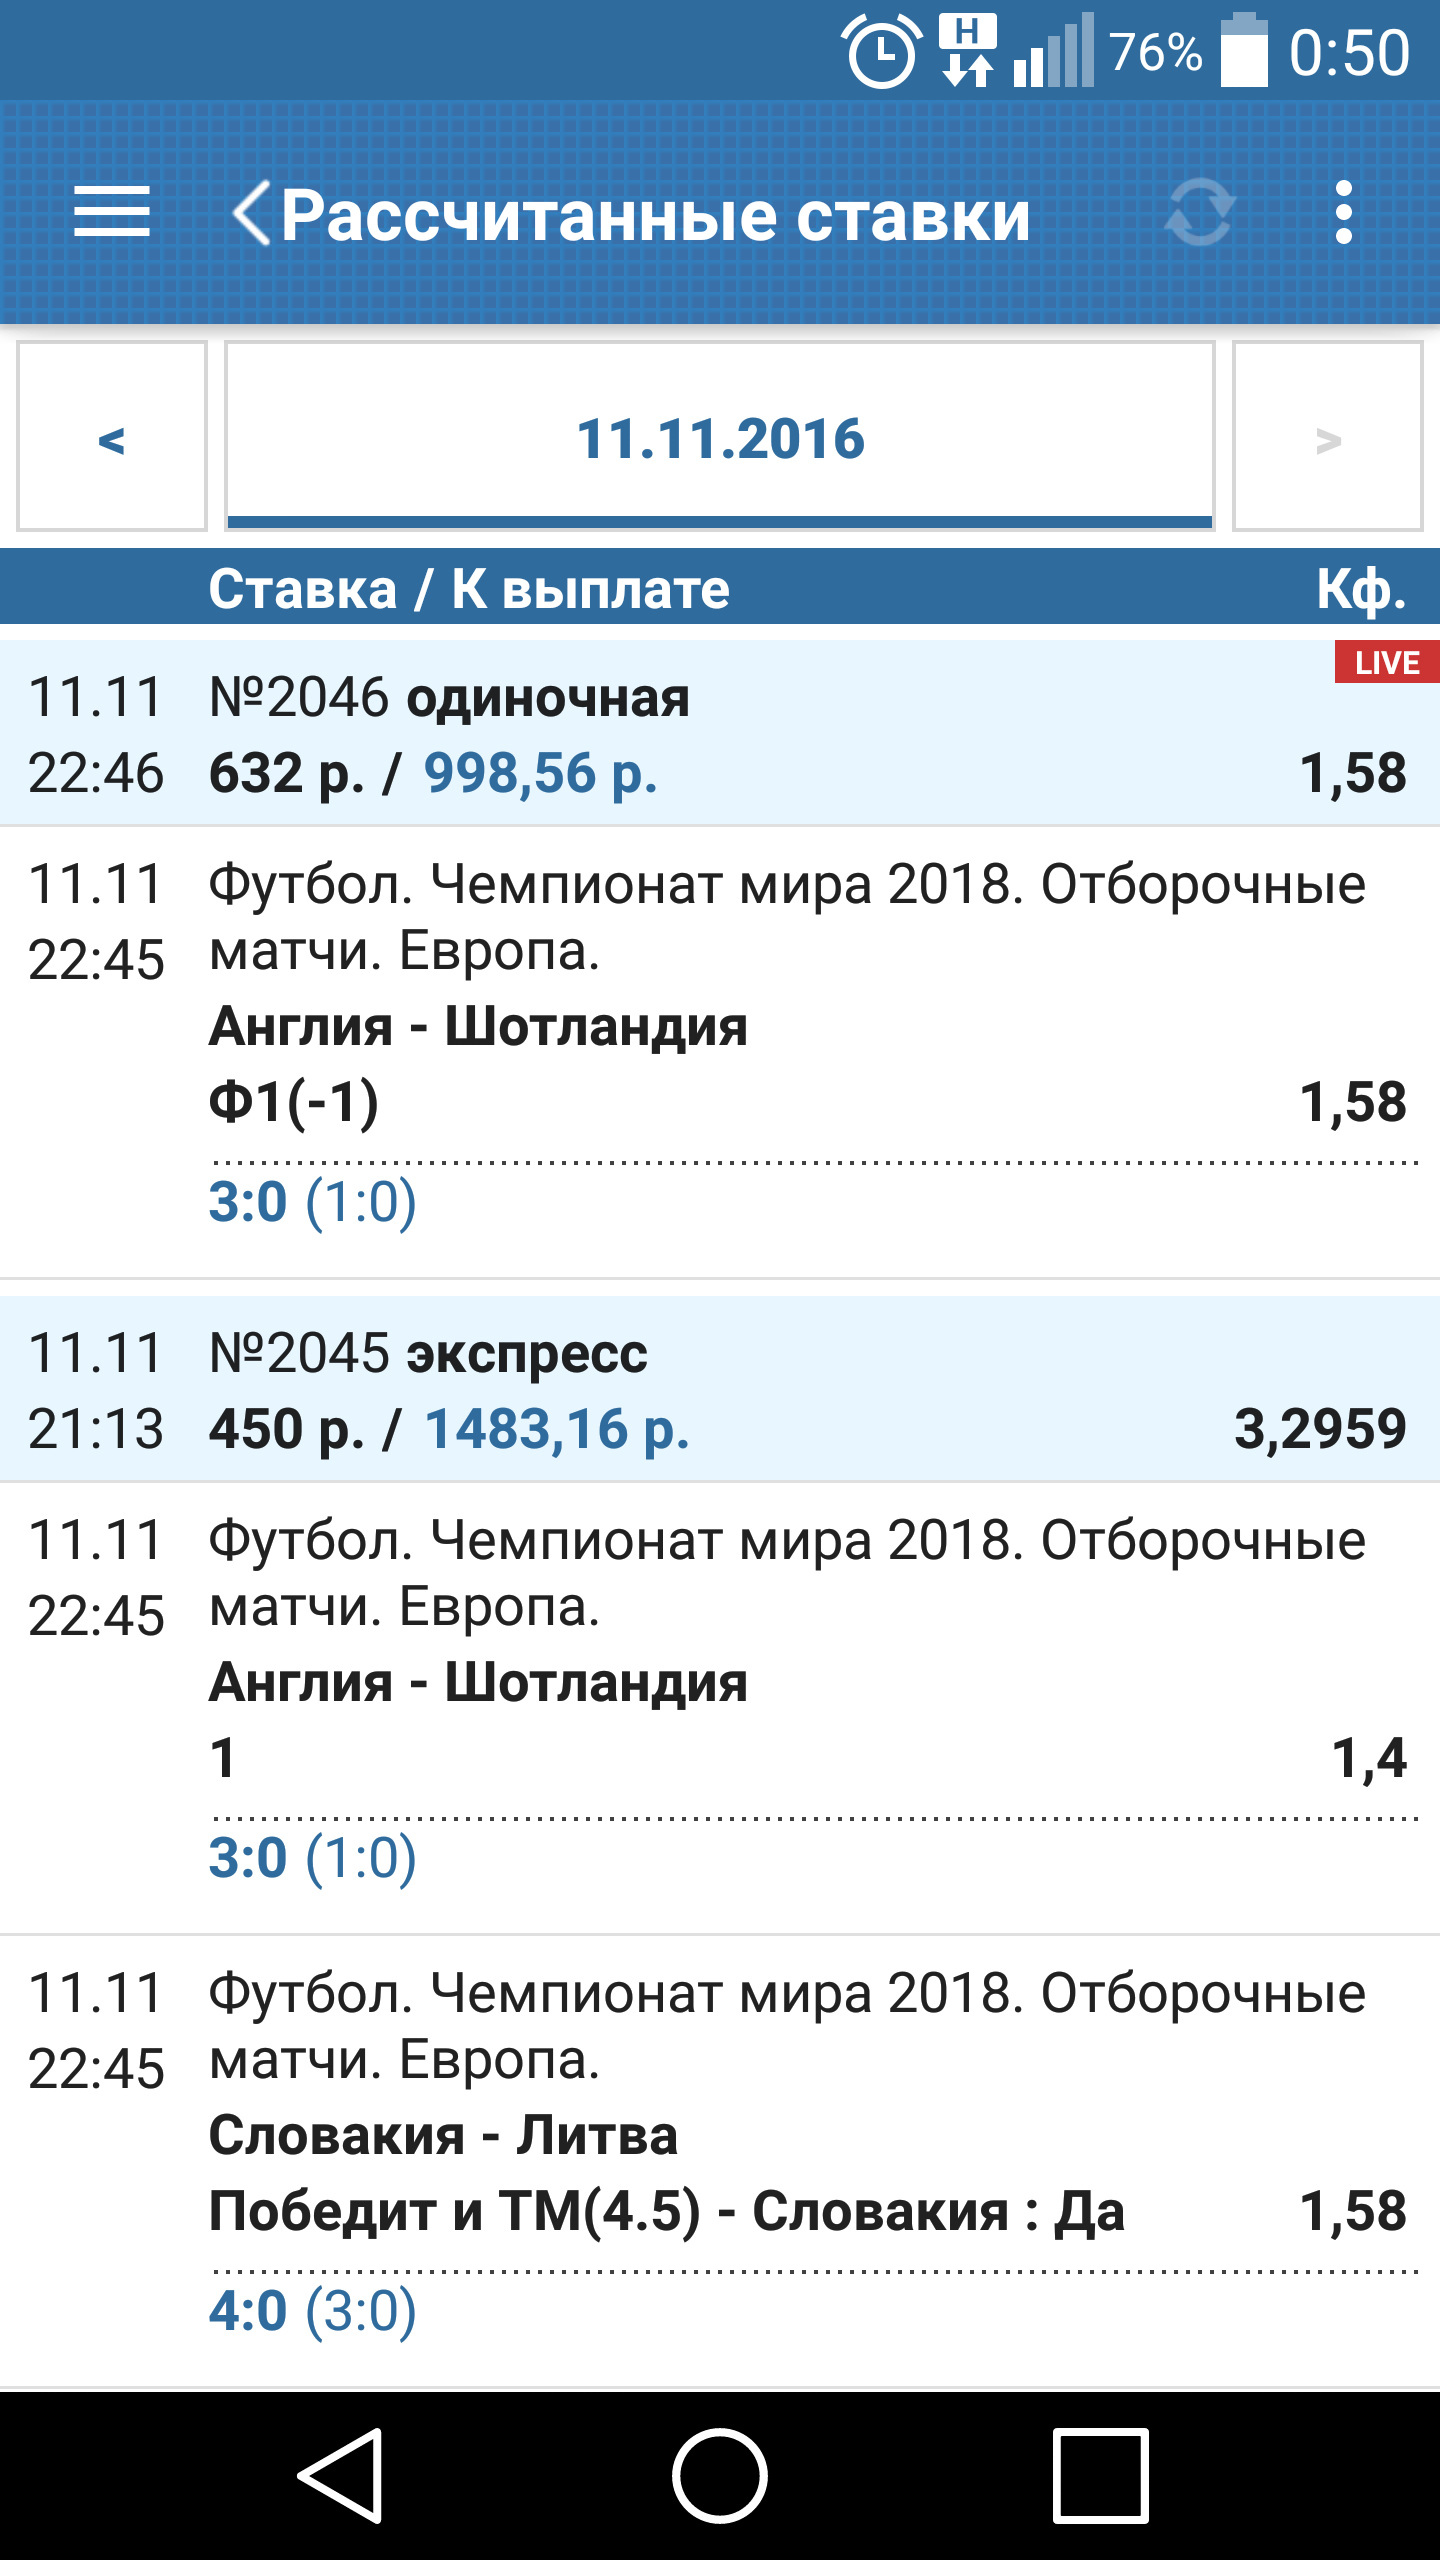 Румыния — Польша: прогноз на матч 11.11.2016